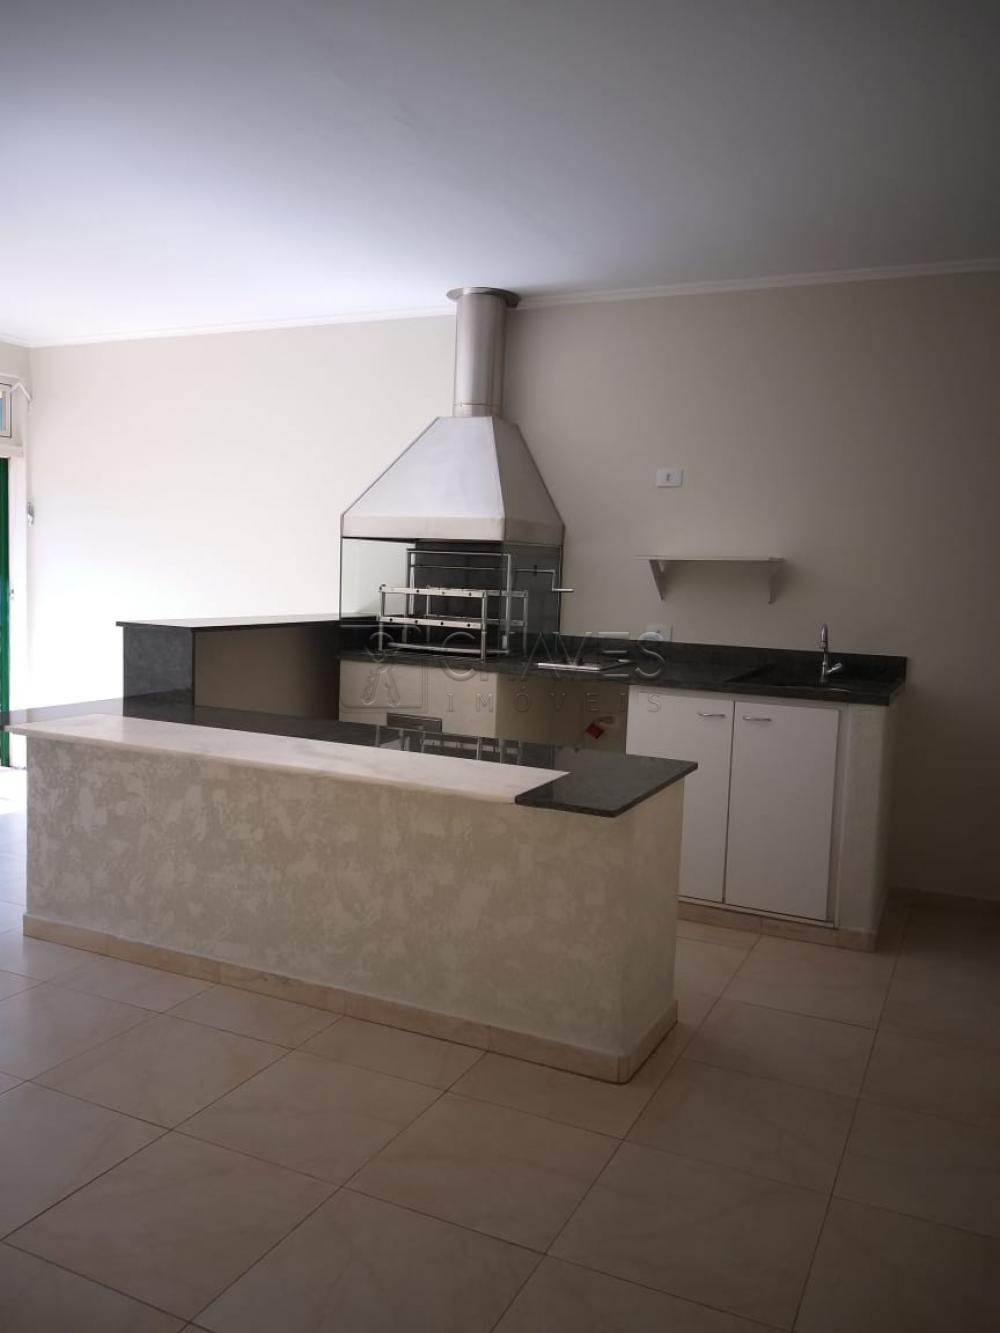 Alugar Casa / Condomínio em Ribeirão Preto R$ 3.300,00 - Foto 3